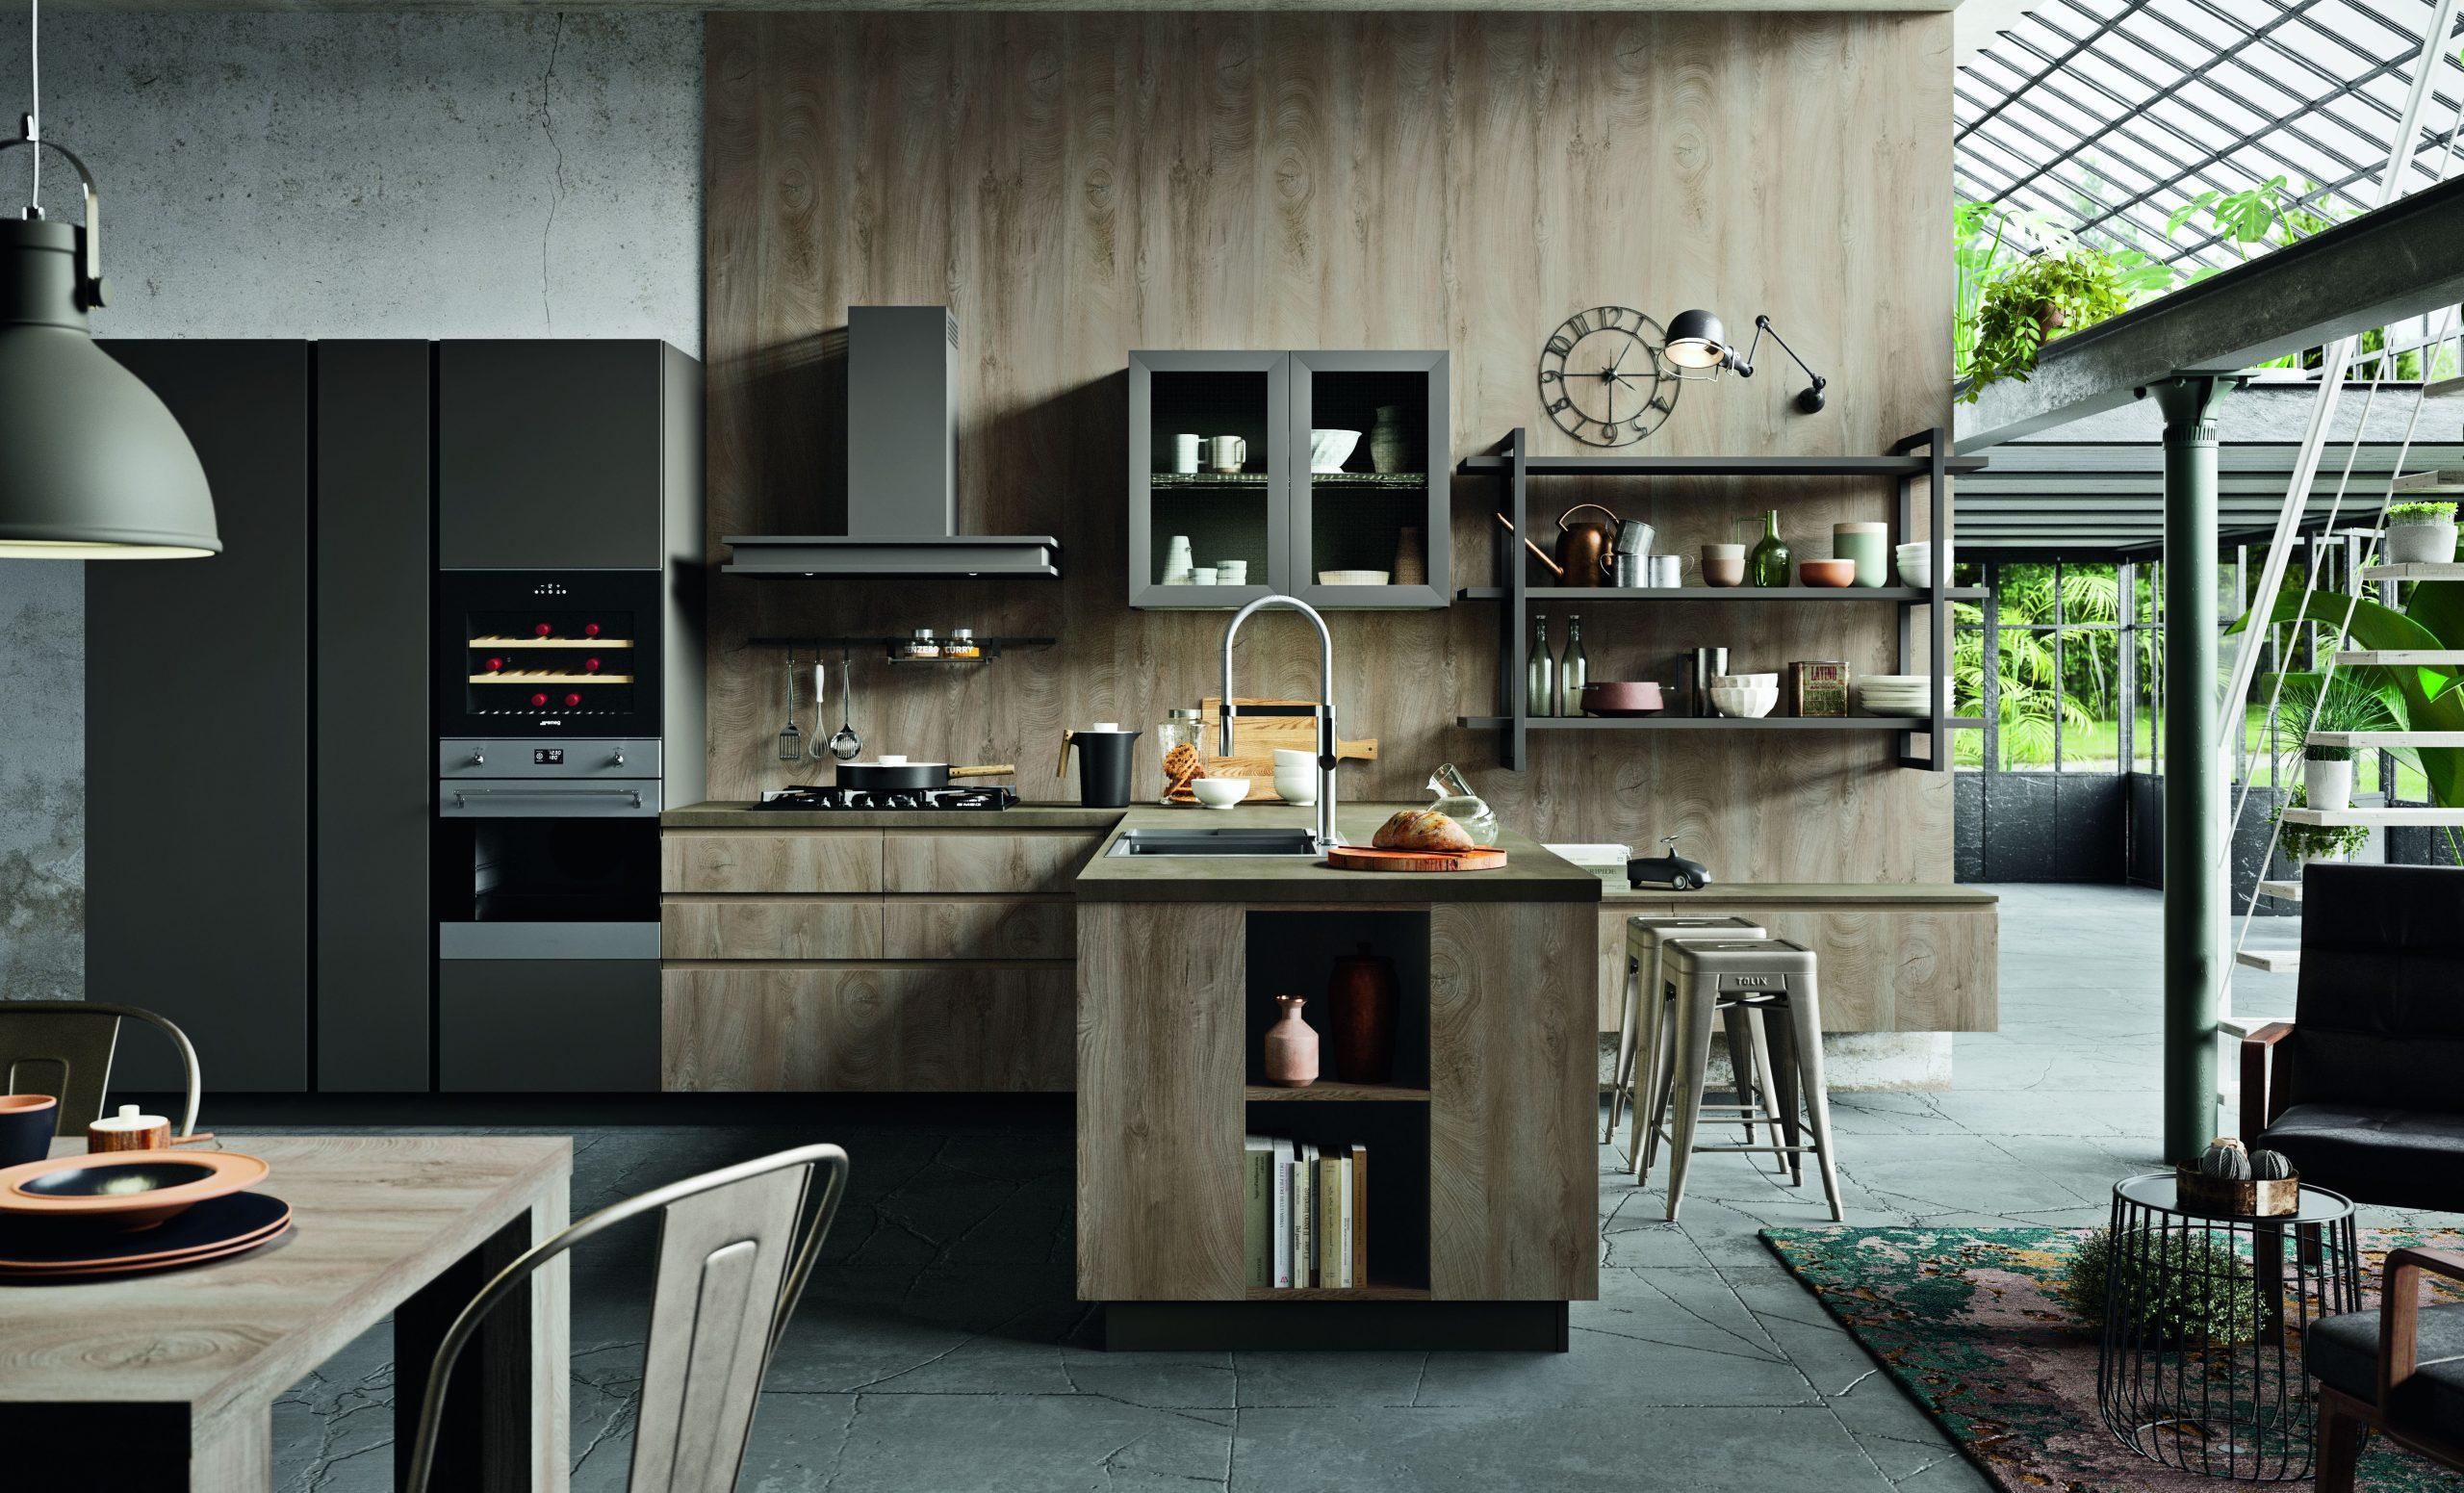 Cucine in stile industriale protagoniste nelle scelte più attuali da Lab Cucine Torino